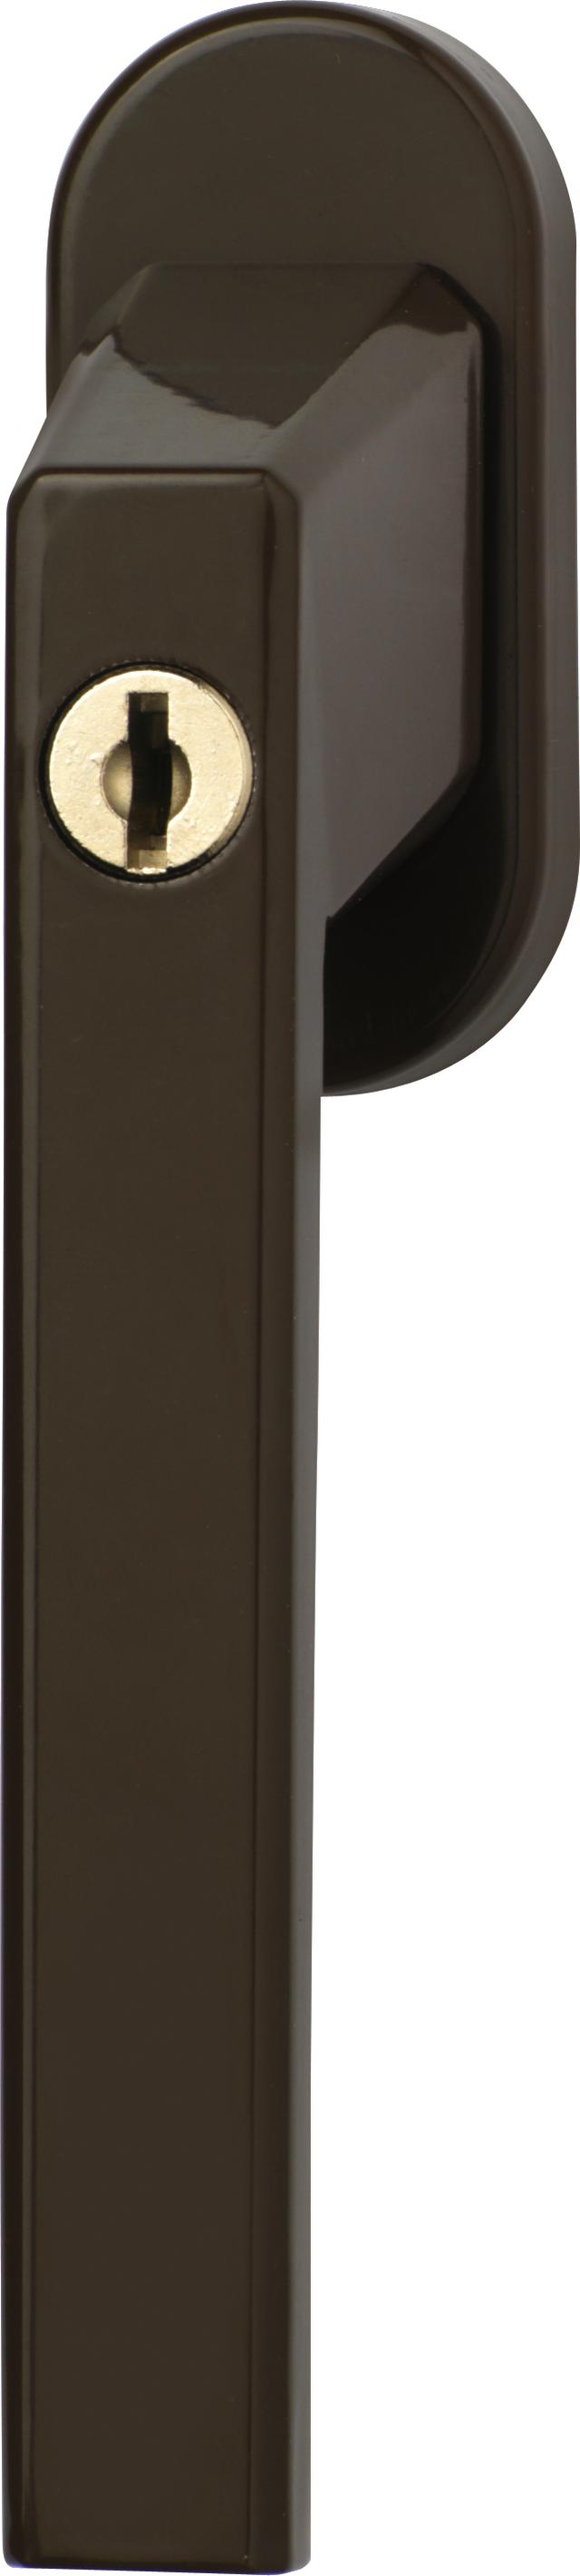 Abschließbarer Fenstergriff FG110 B Triples CL/DFNLI